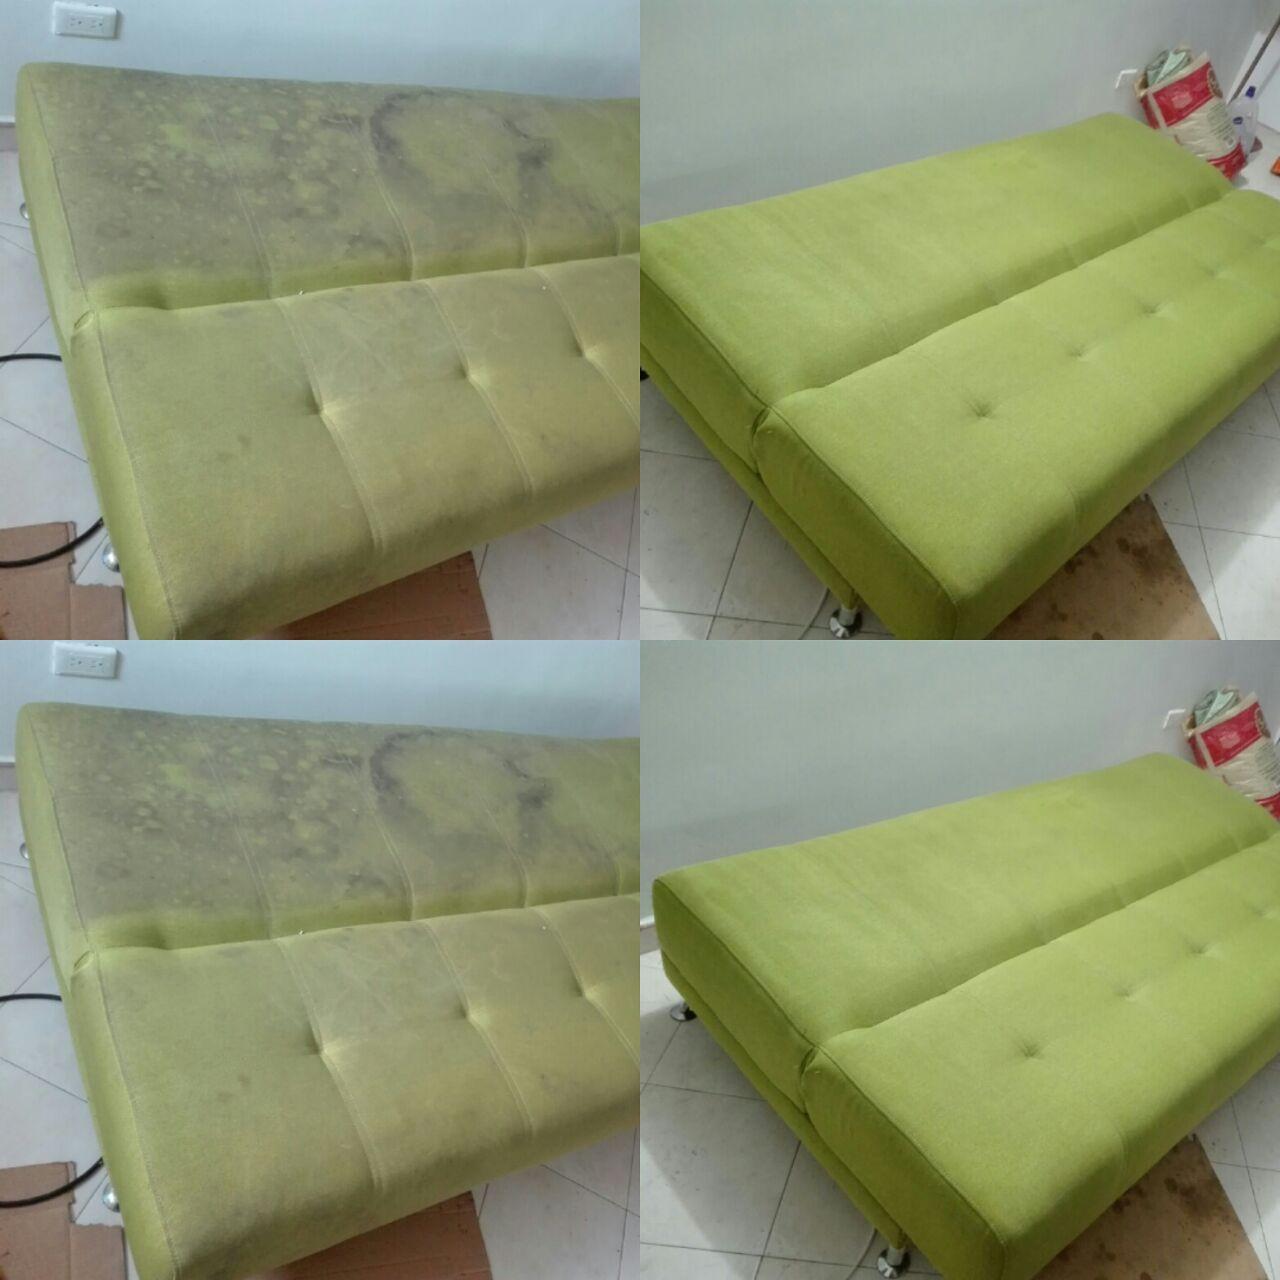 Limpiar tapiceria sofa en seco limpieza y desinfeccin de - Limpiar sofa tela ...